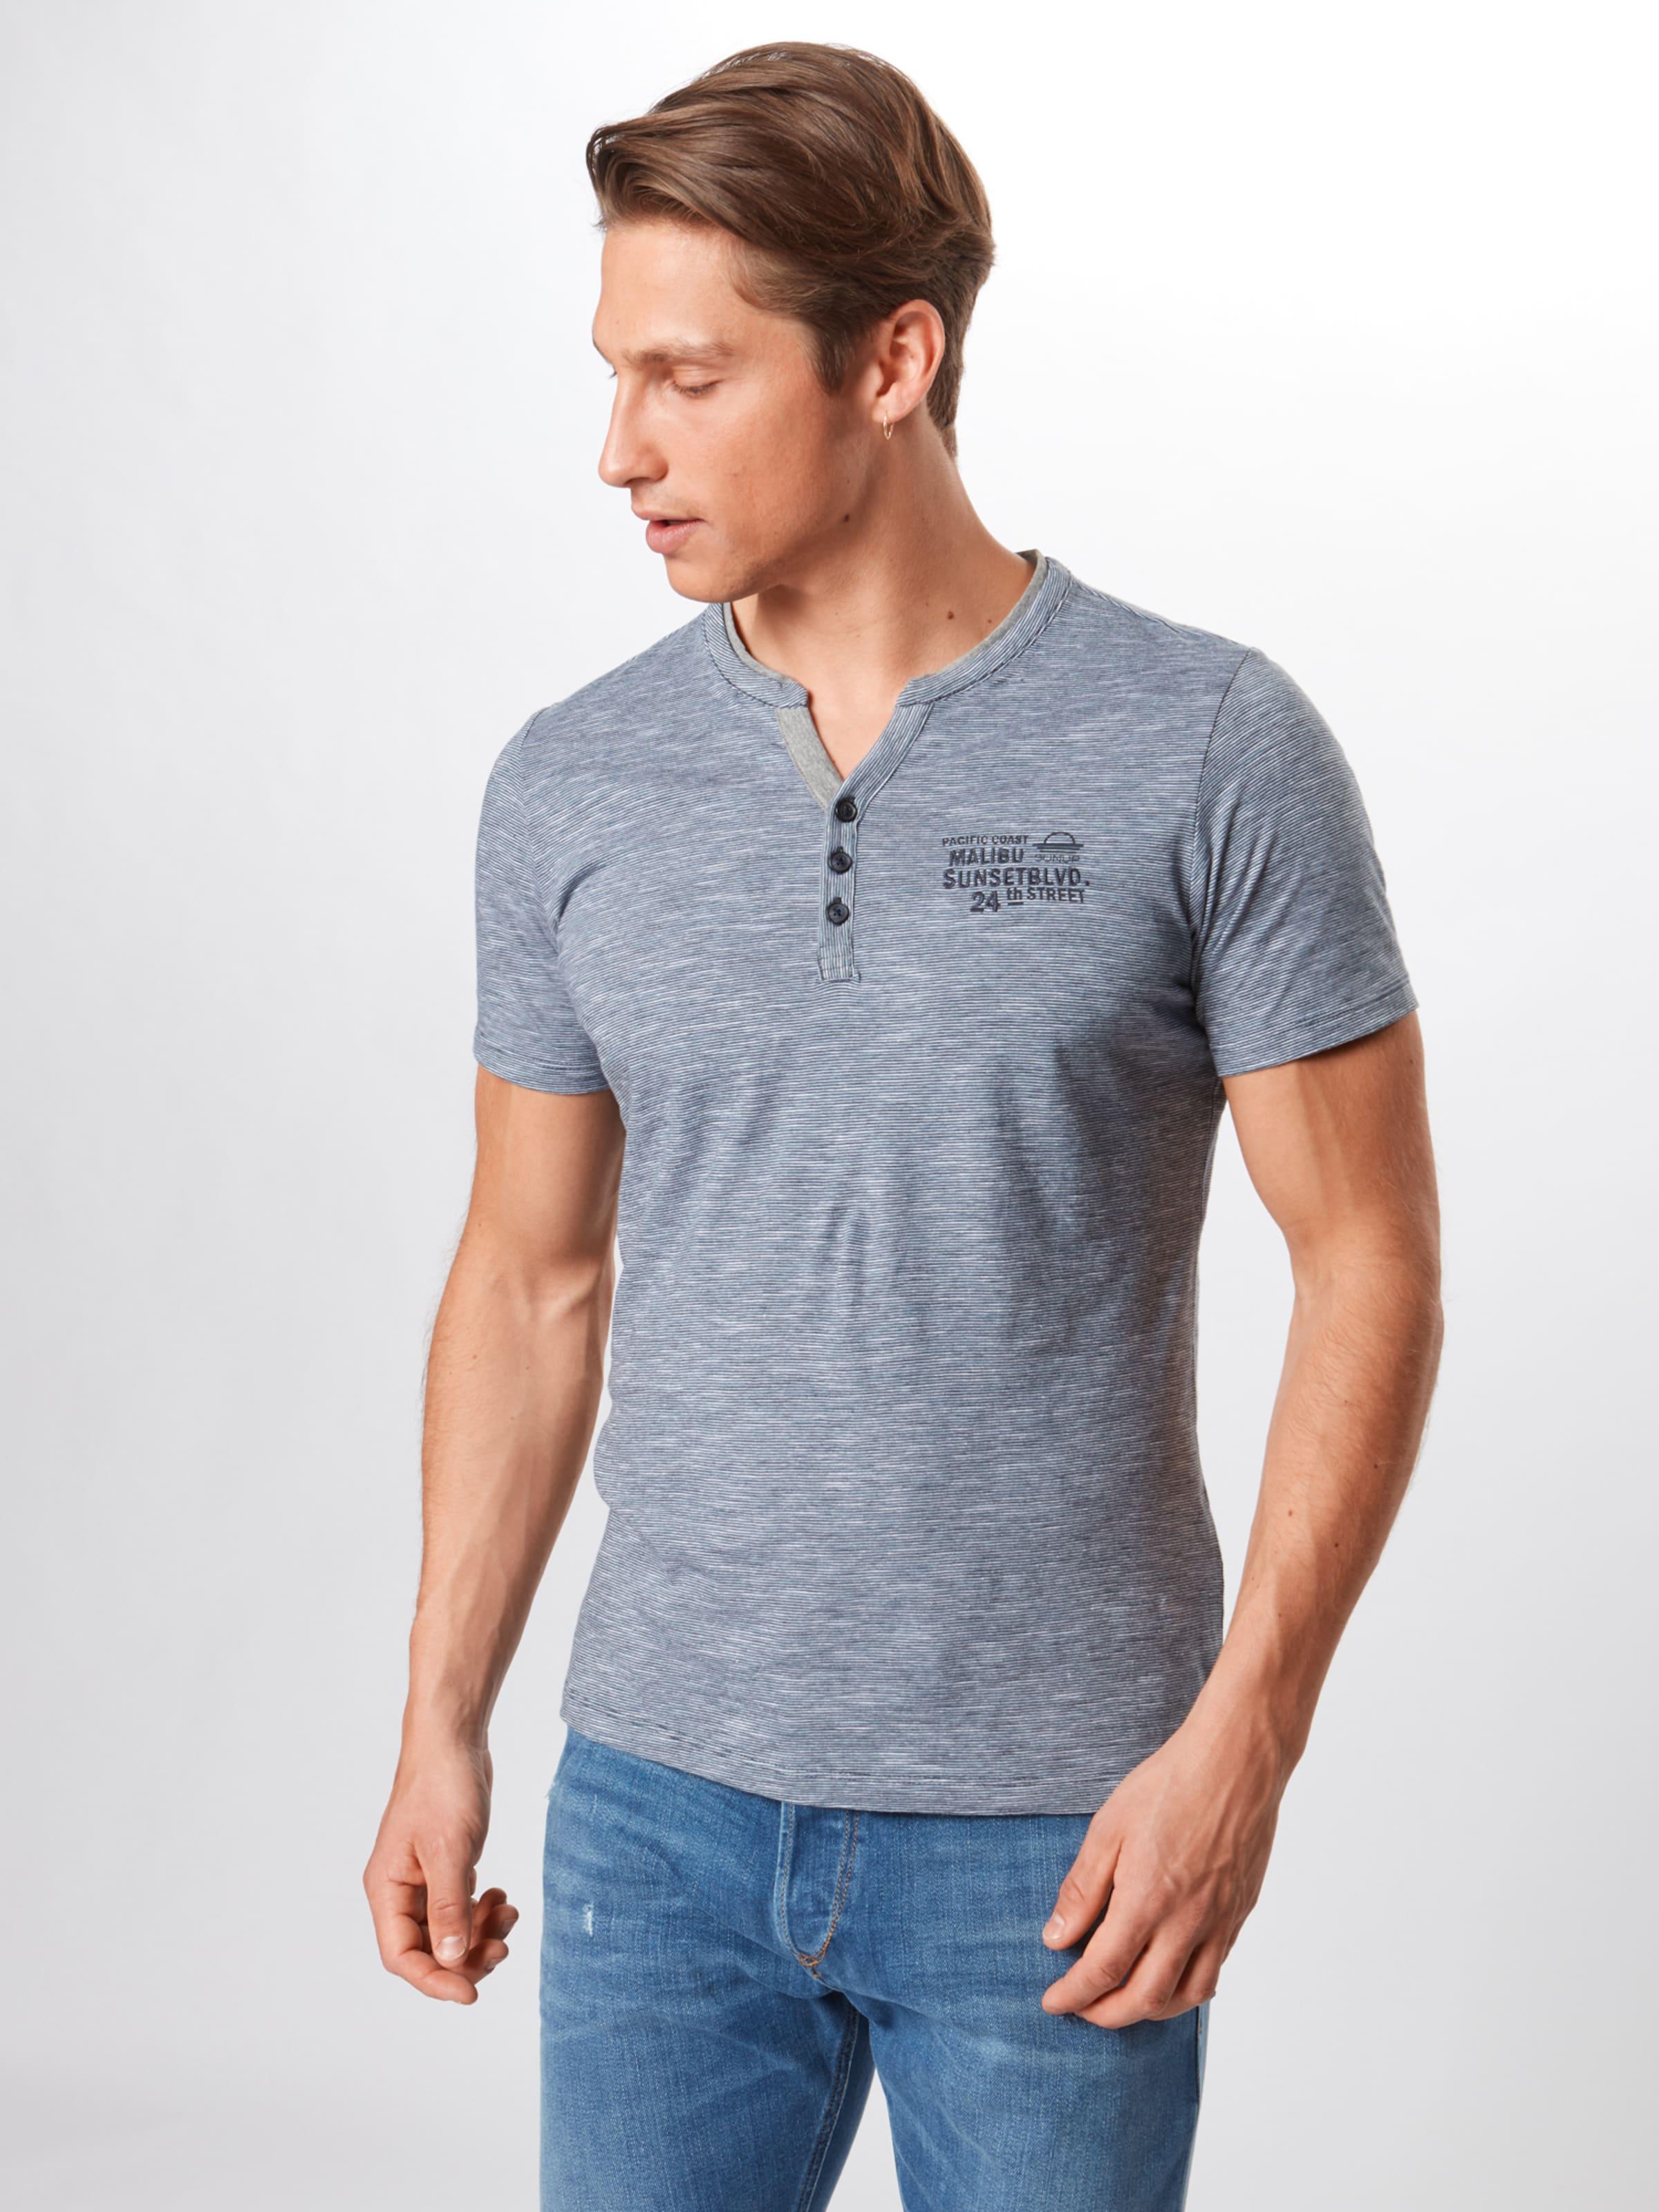 S Bleu Red Chiné En Label T shirt oliver LVpGqzUSM